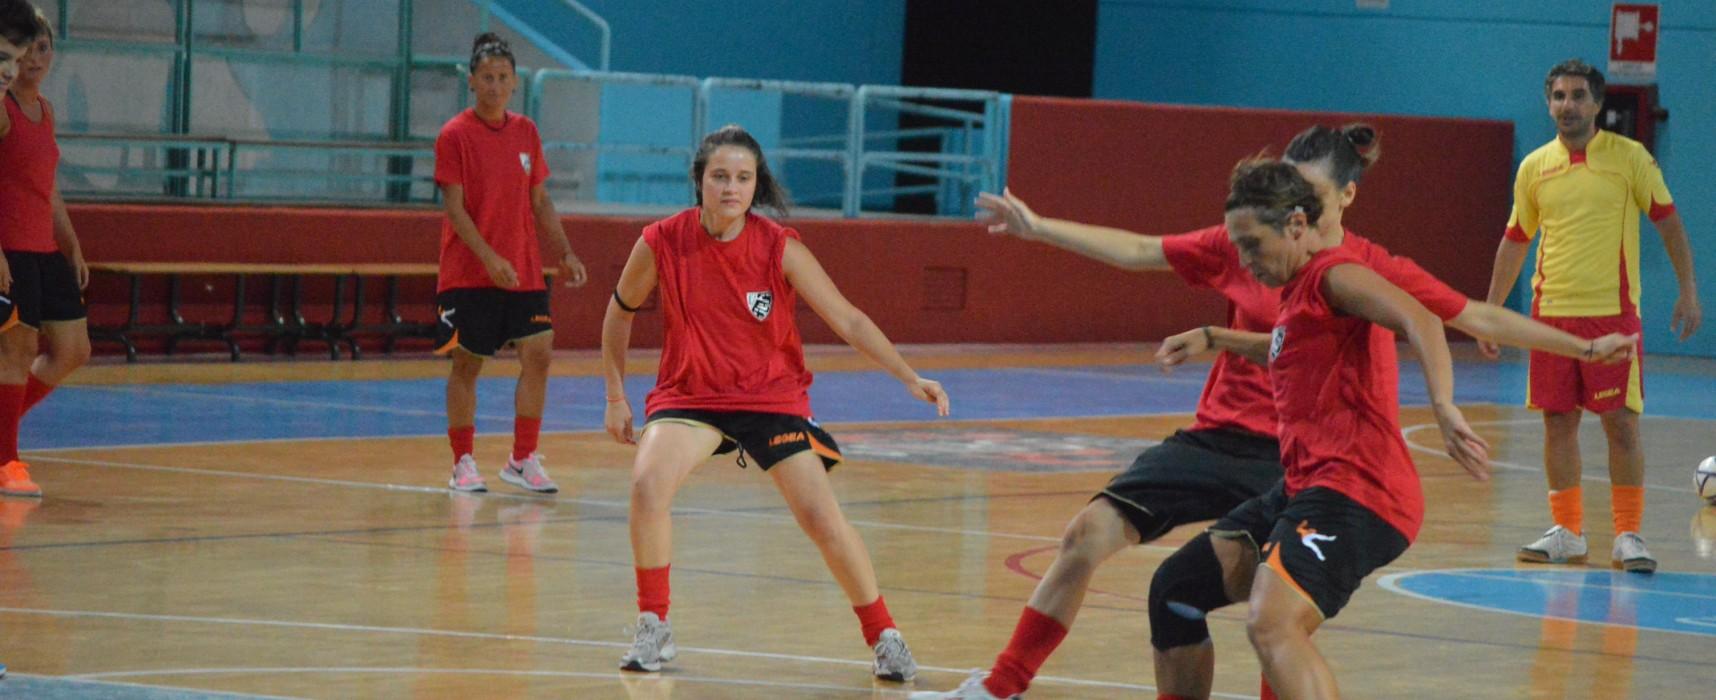 Futsal: domani storico esordio casalingo in A per l'Arcadia Bisceglie